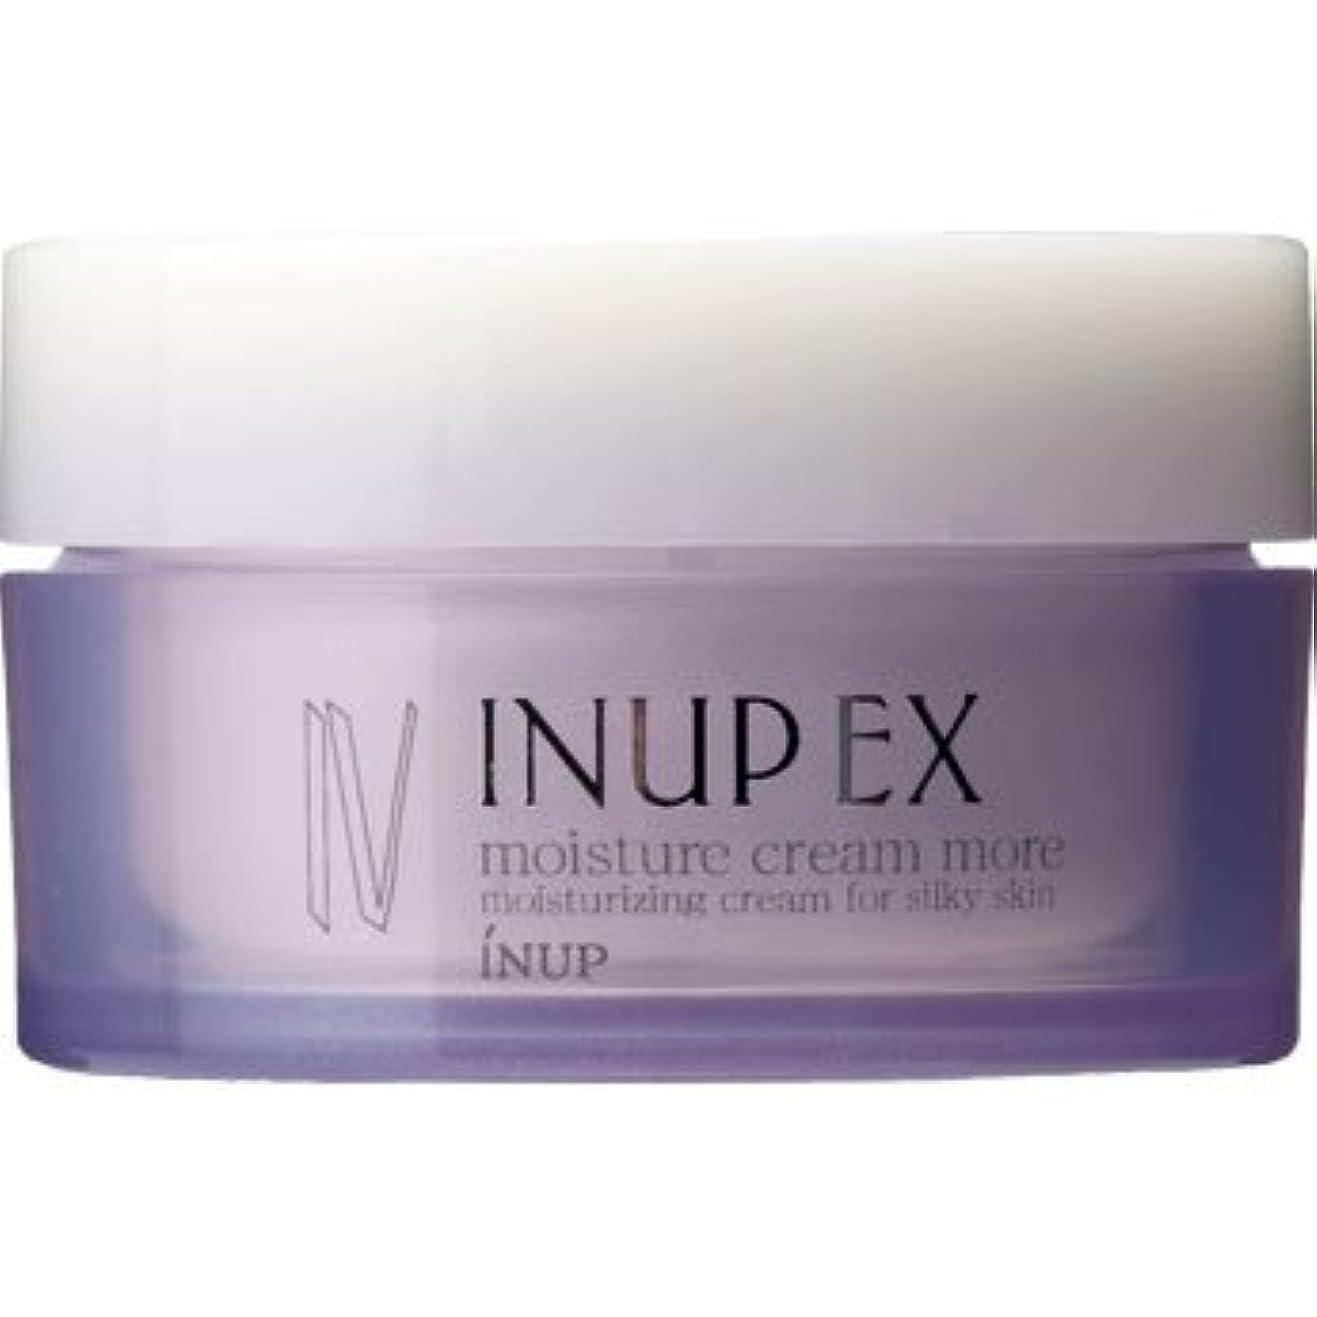 取る低い十代の若者たちインナップEX 保湿クリーム (潤い効果アップ) モイスチャークリーム MD (スパチュラ付)[弱酸性] 30g